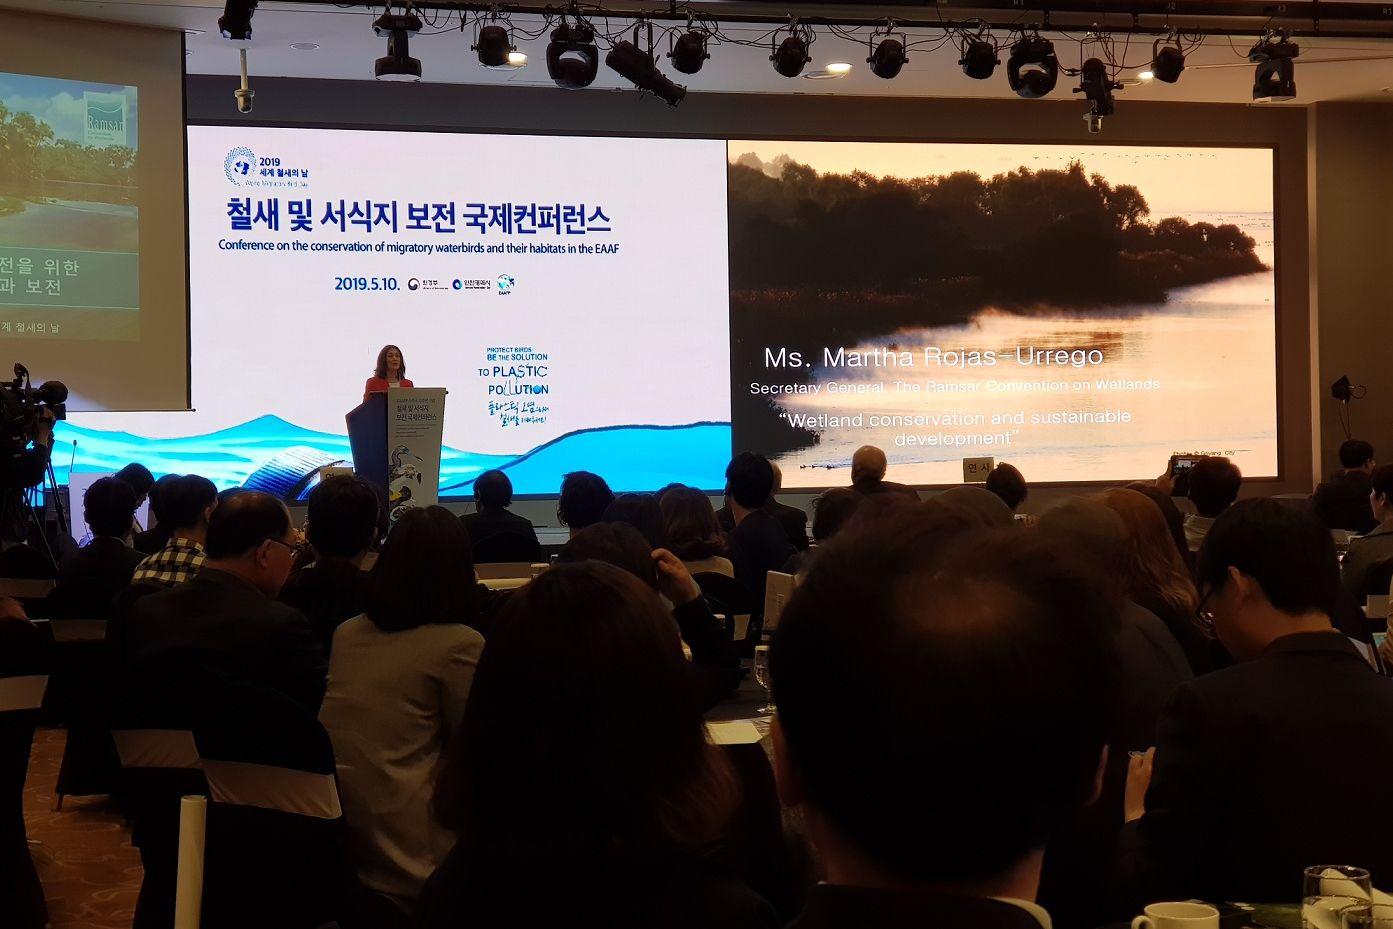 Vortrag von Martha Rojas-Urrego, von Ramsar Site Convention